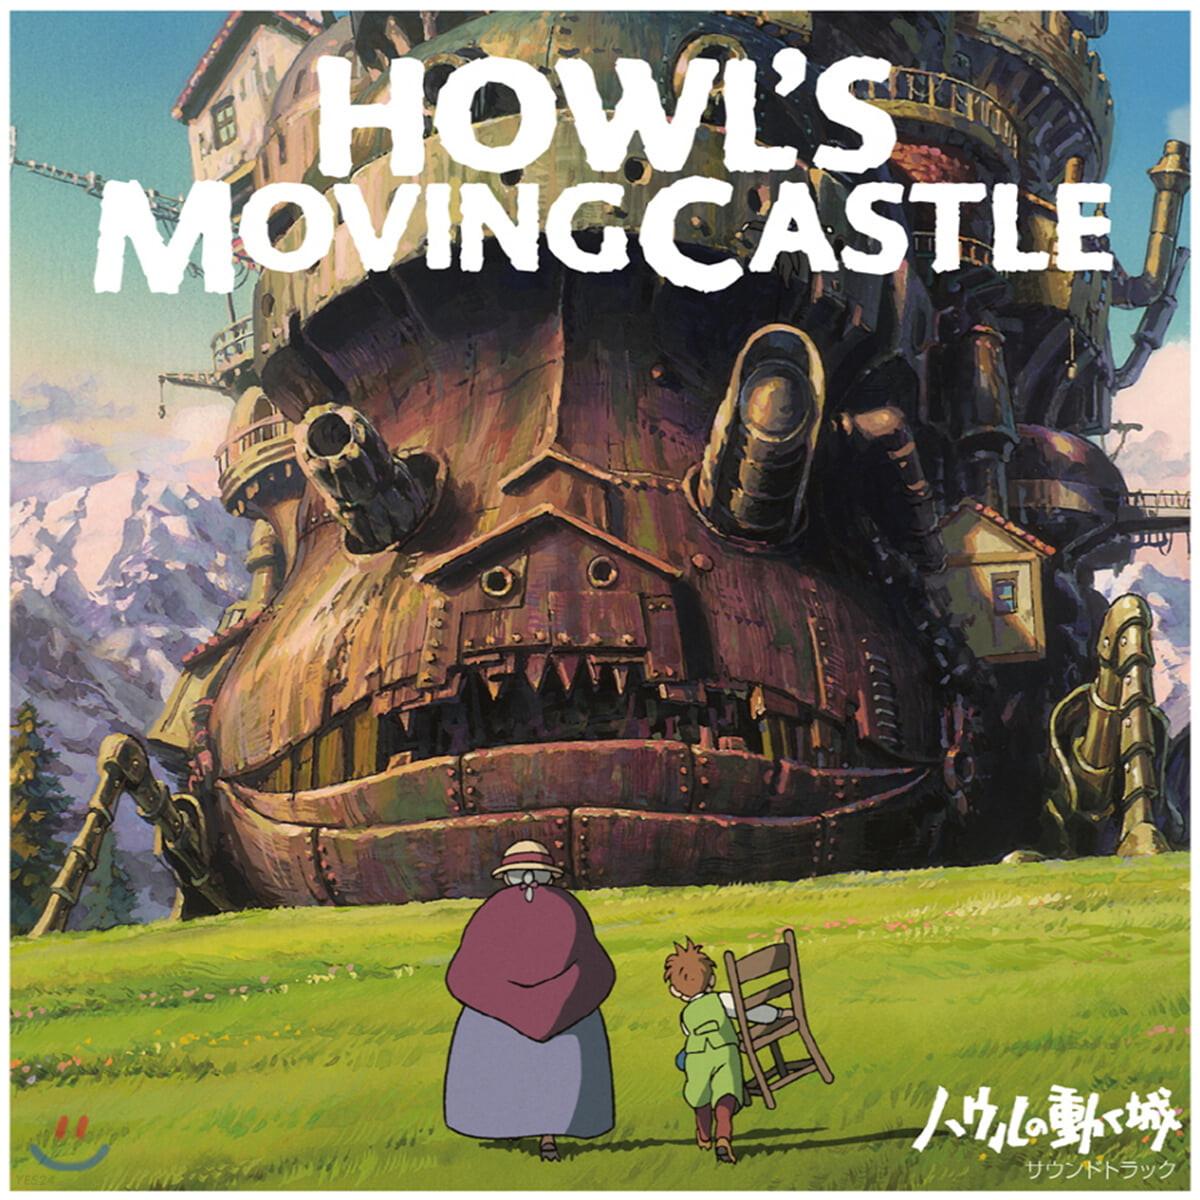 하울의 움직이는 성 사운드트랙 (Howl's Moving Castle Soundtrack by Joe Hisaishi 히사이시 조) [2LP]